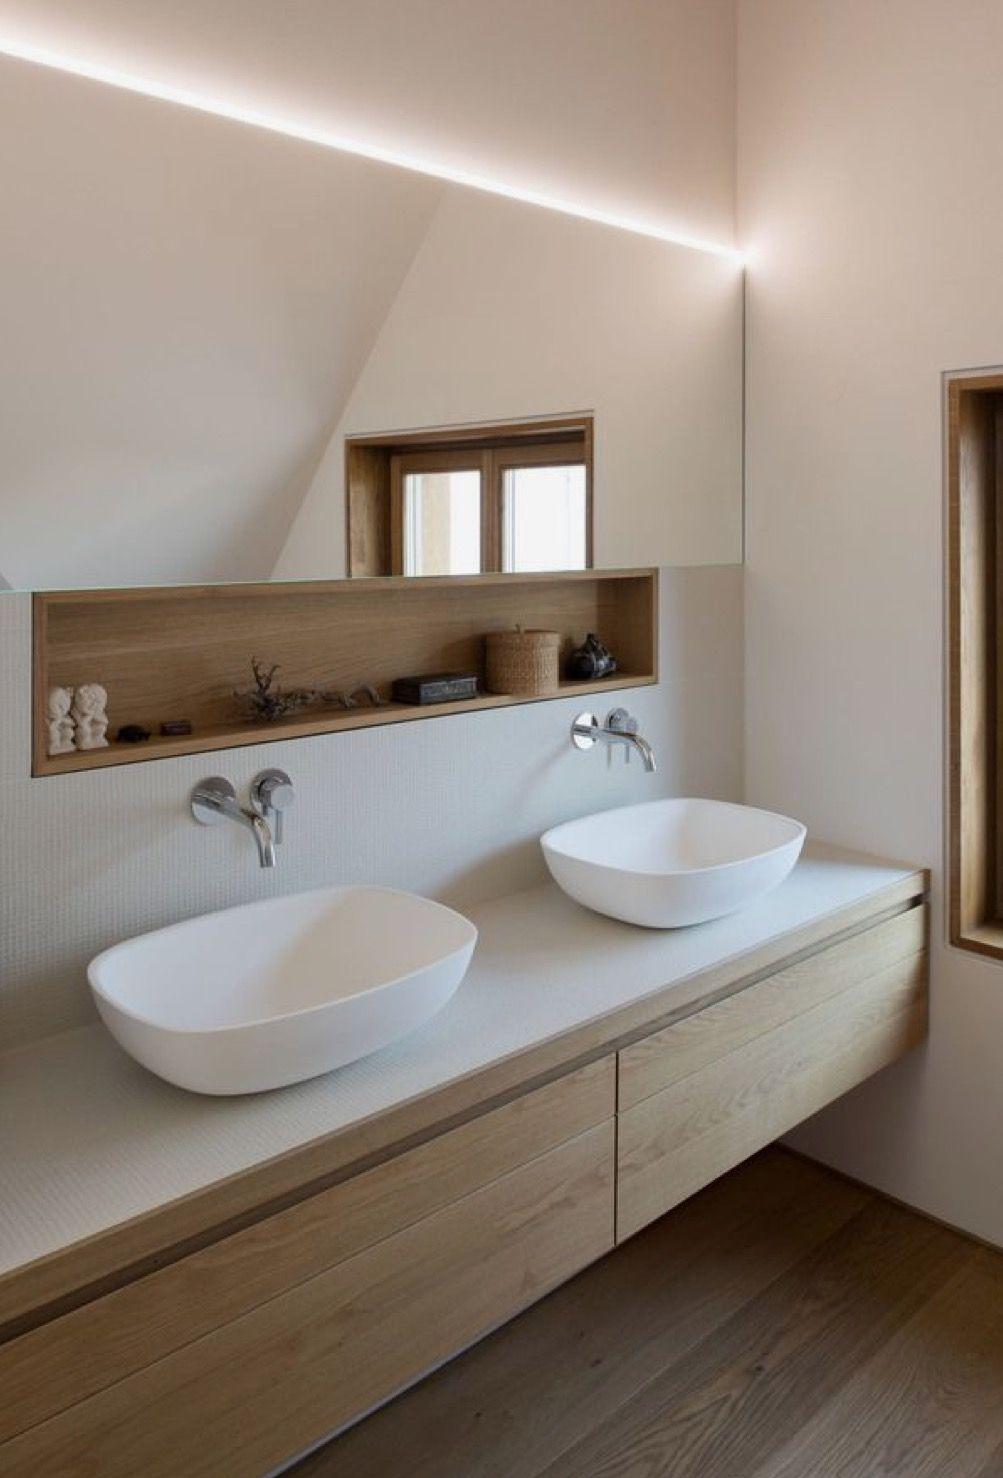 Salle De Bain Avec Bois salle de bains avec niche bois | idée salle de bain, salle